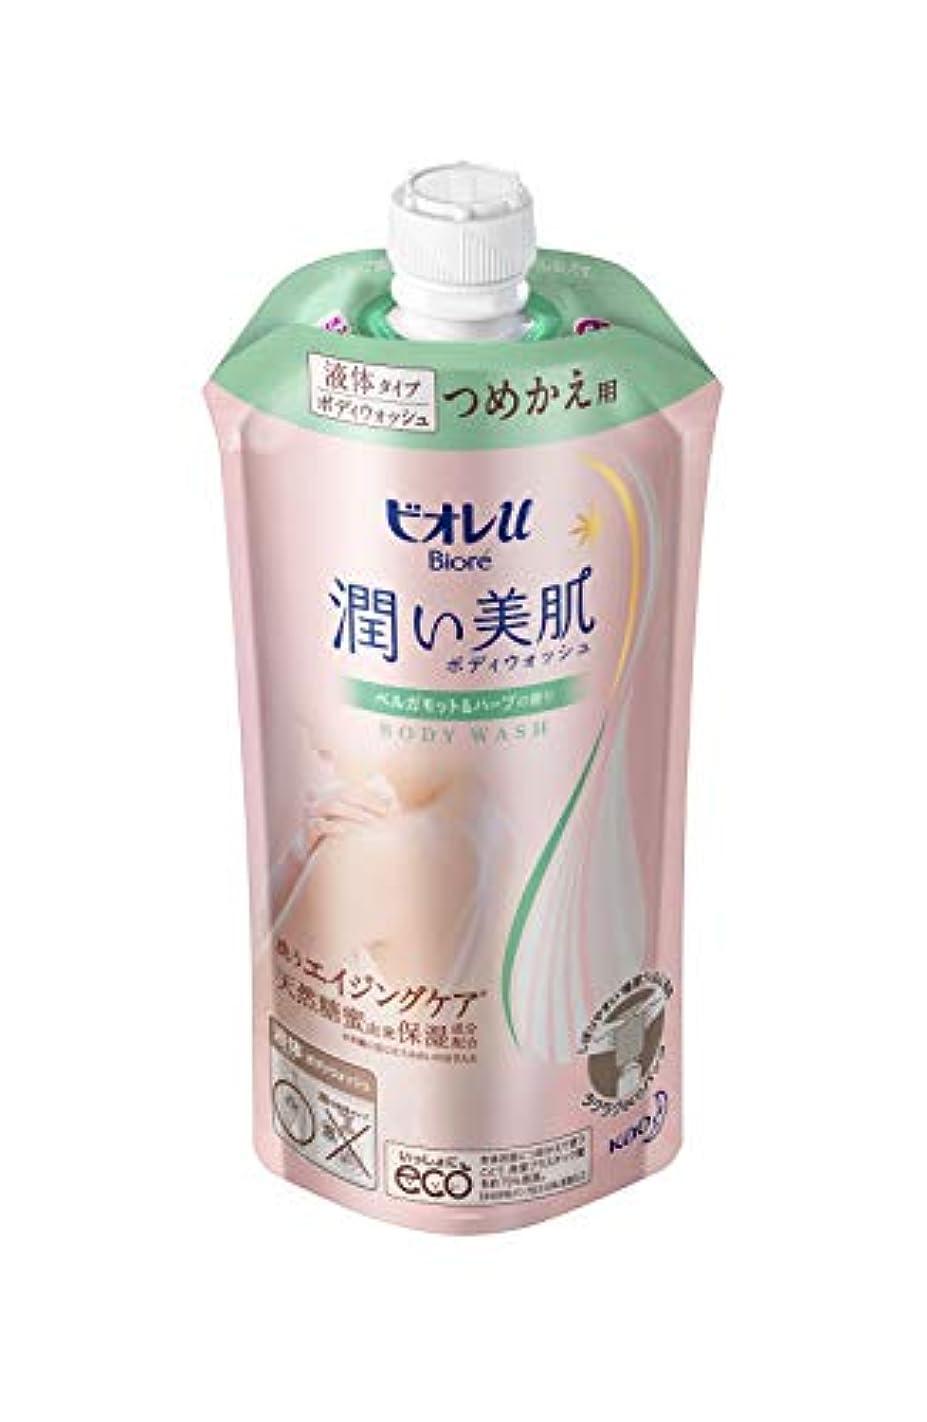 透けて見えるシルク伝染性ビオレu 潤い美肌ボディウォッシュ ベルガモット&ハーブの香り つめかえ用